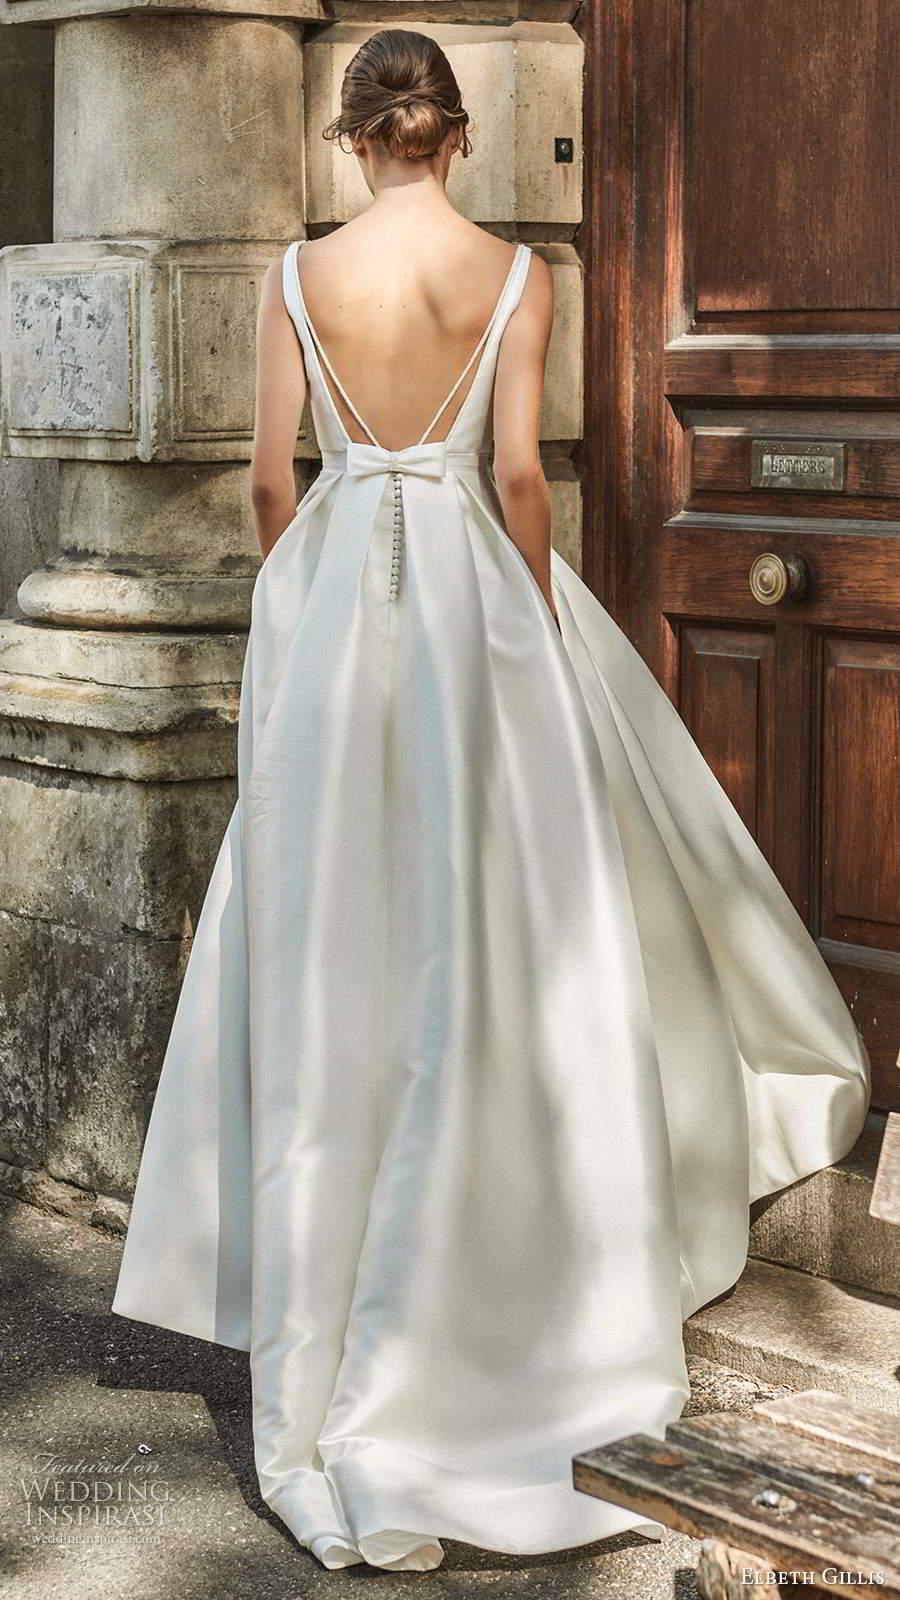 elbeth gillis 2021 bridal sleeveless straps plunging v neckline embellished bodice a line ball gown wedding dress open back slit skirt sweep train (3) bv